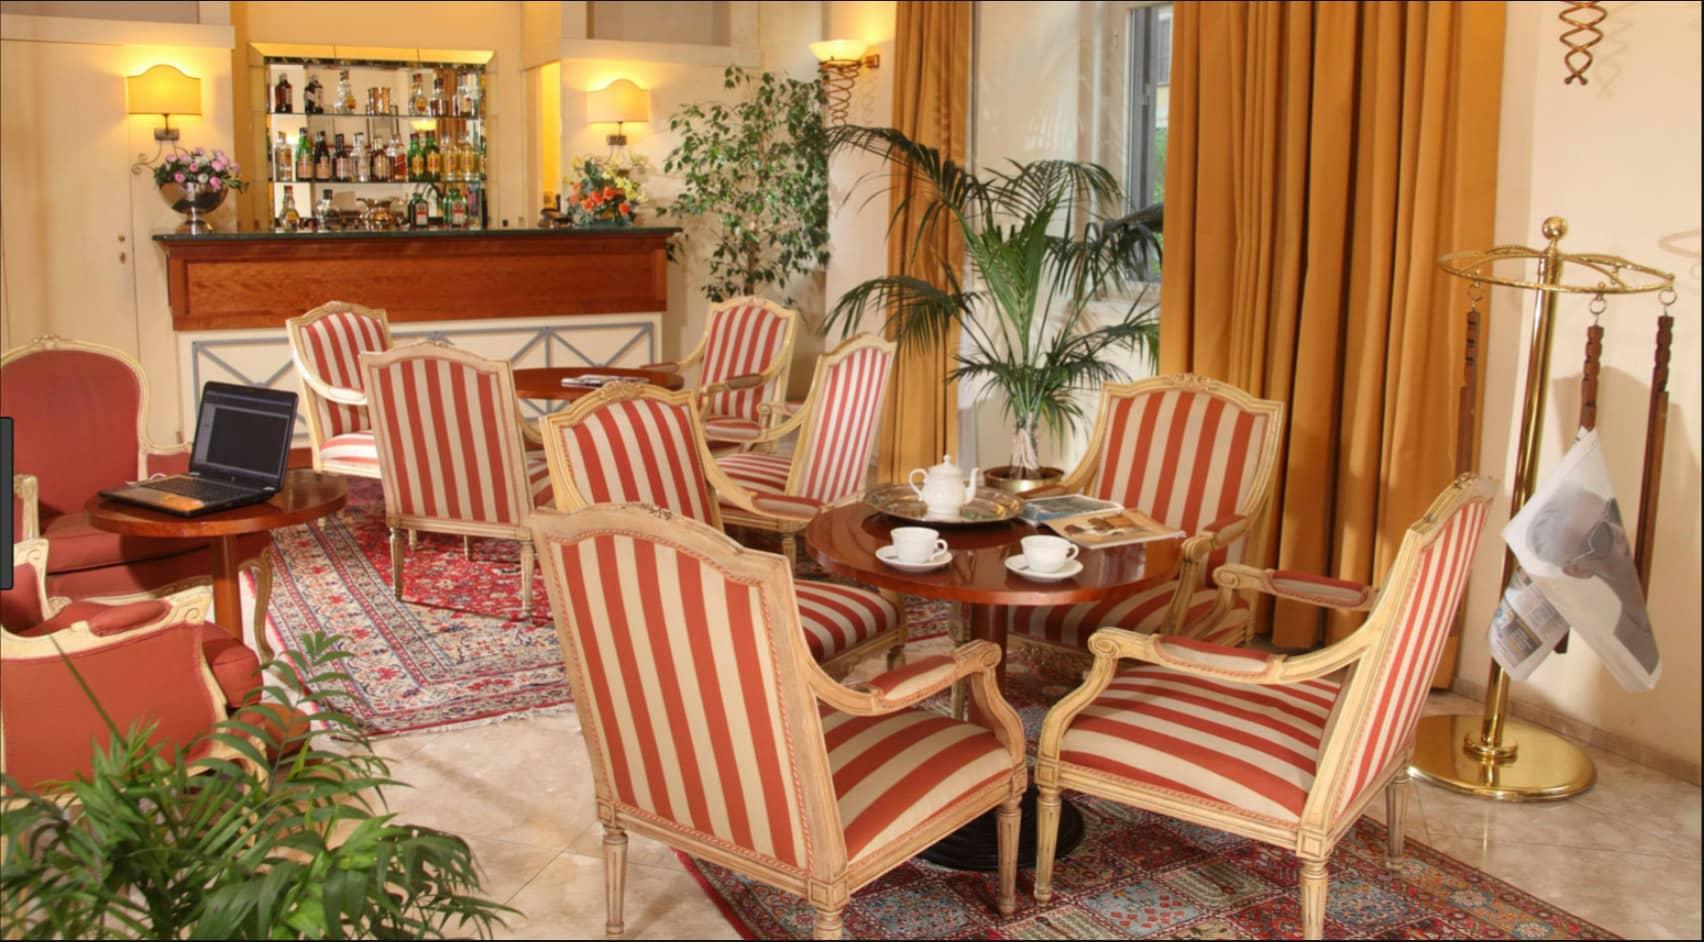 progettazione hotel Roma - ristrutturazione hotel Roma - ristrutturazione anticovid hotel Roma - progettazione anticovid hotel Roma